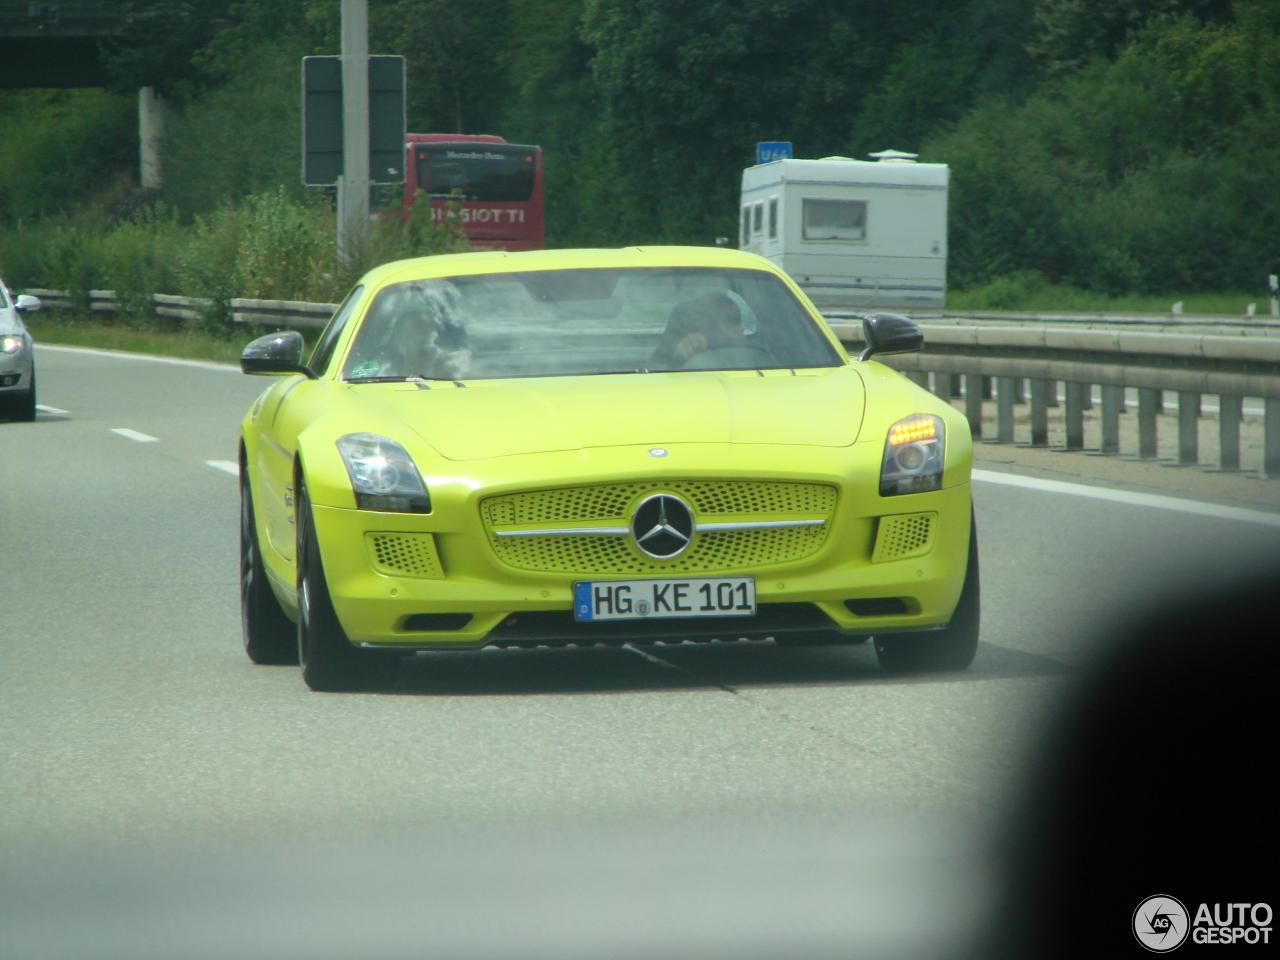 1 i mercedes benz sls amg electric drive 1 - Mercedes Benz Sls Amg Electric Drive Black